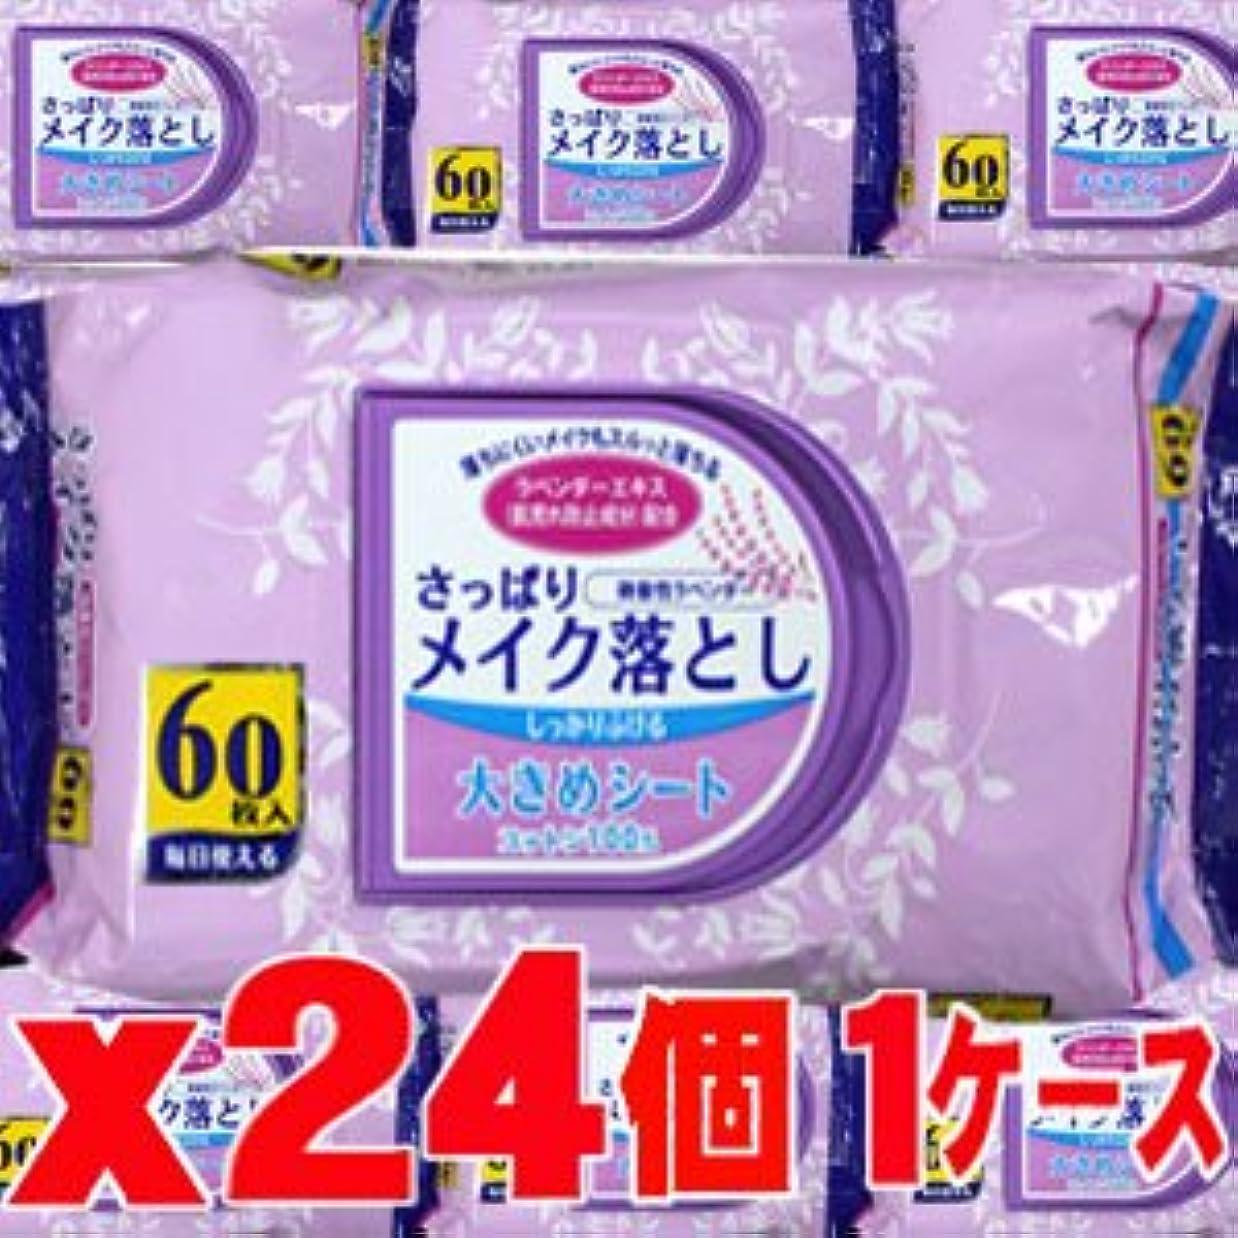 【24個】さっぱり メイク落とし 60枚x24個 1ケース (4994416031245)